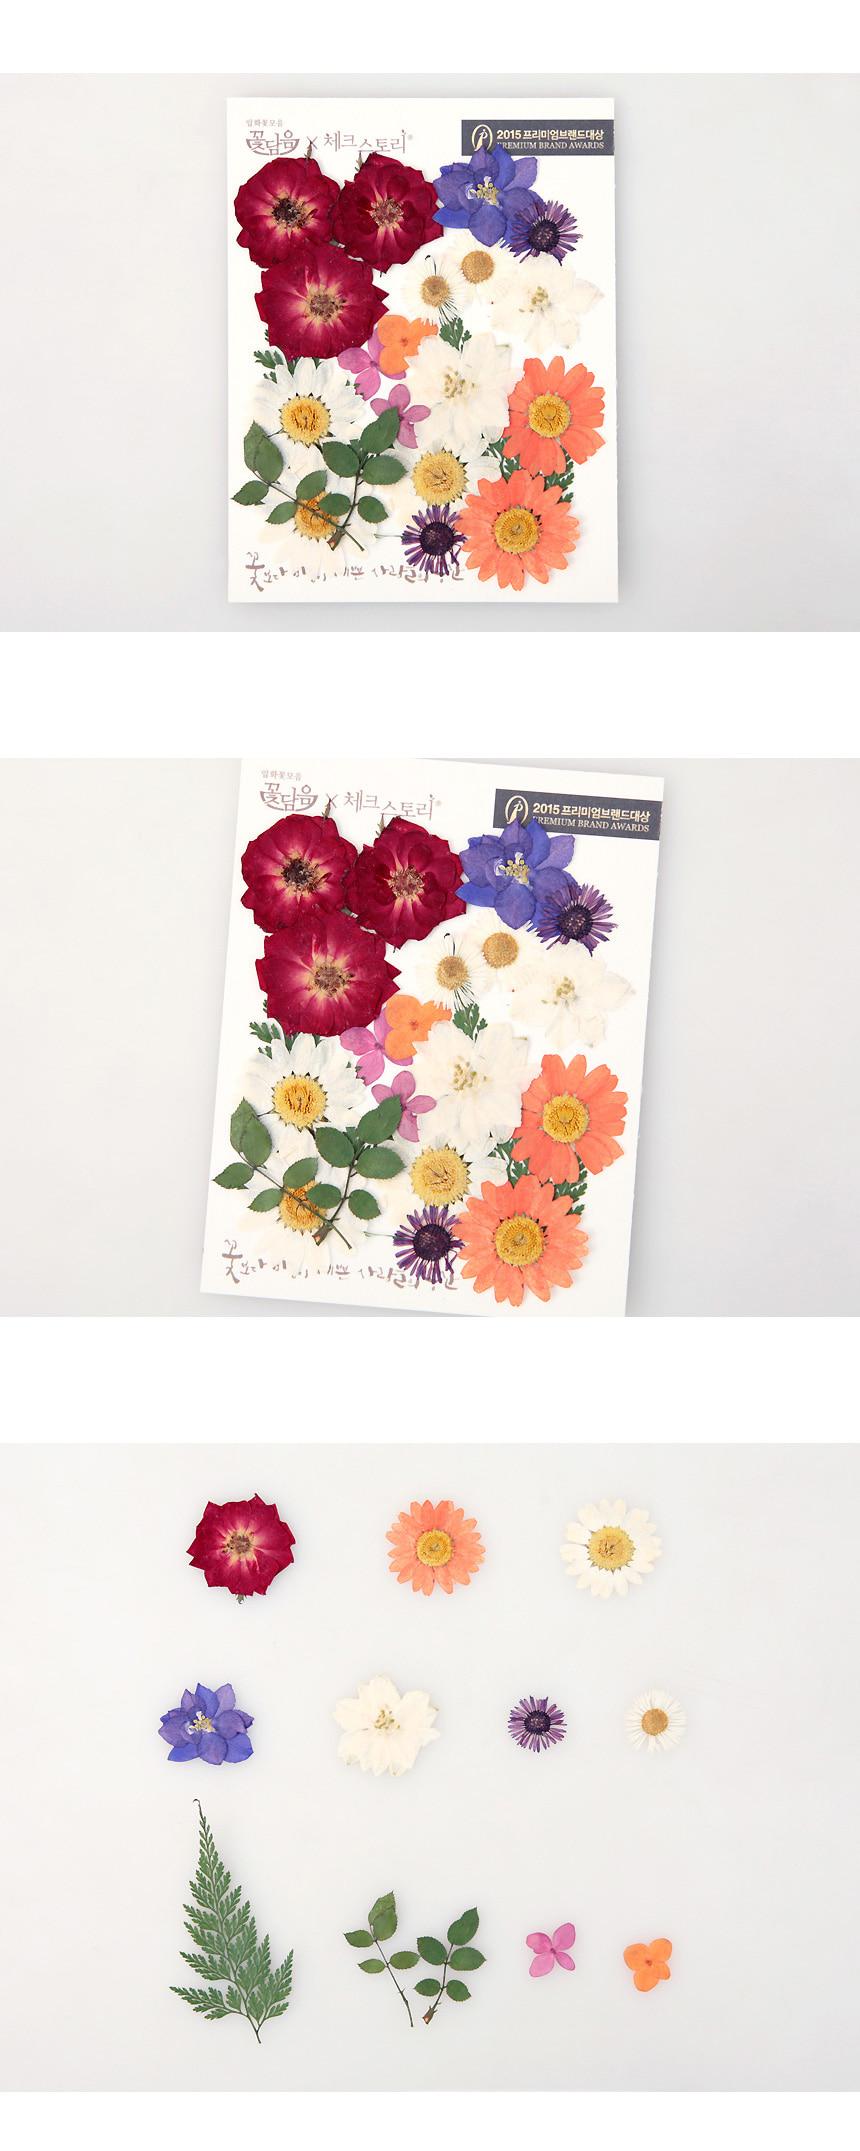 압화 꽃모음 A타입 - 미니장미 꽃모음 - 체크스토리 플라레터, 5,900원, 압화 공예, 압화 공예 재료